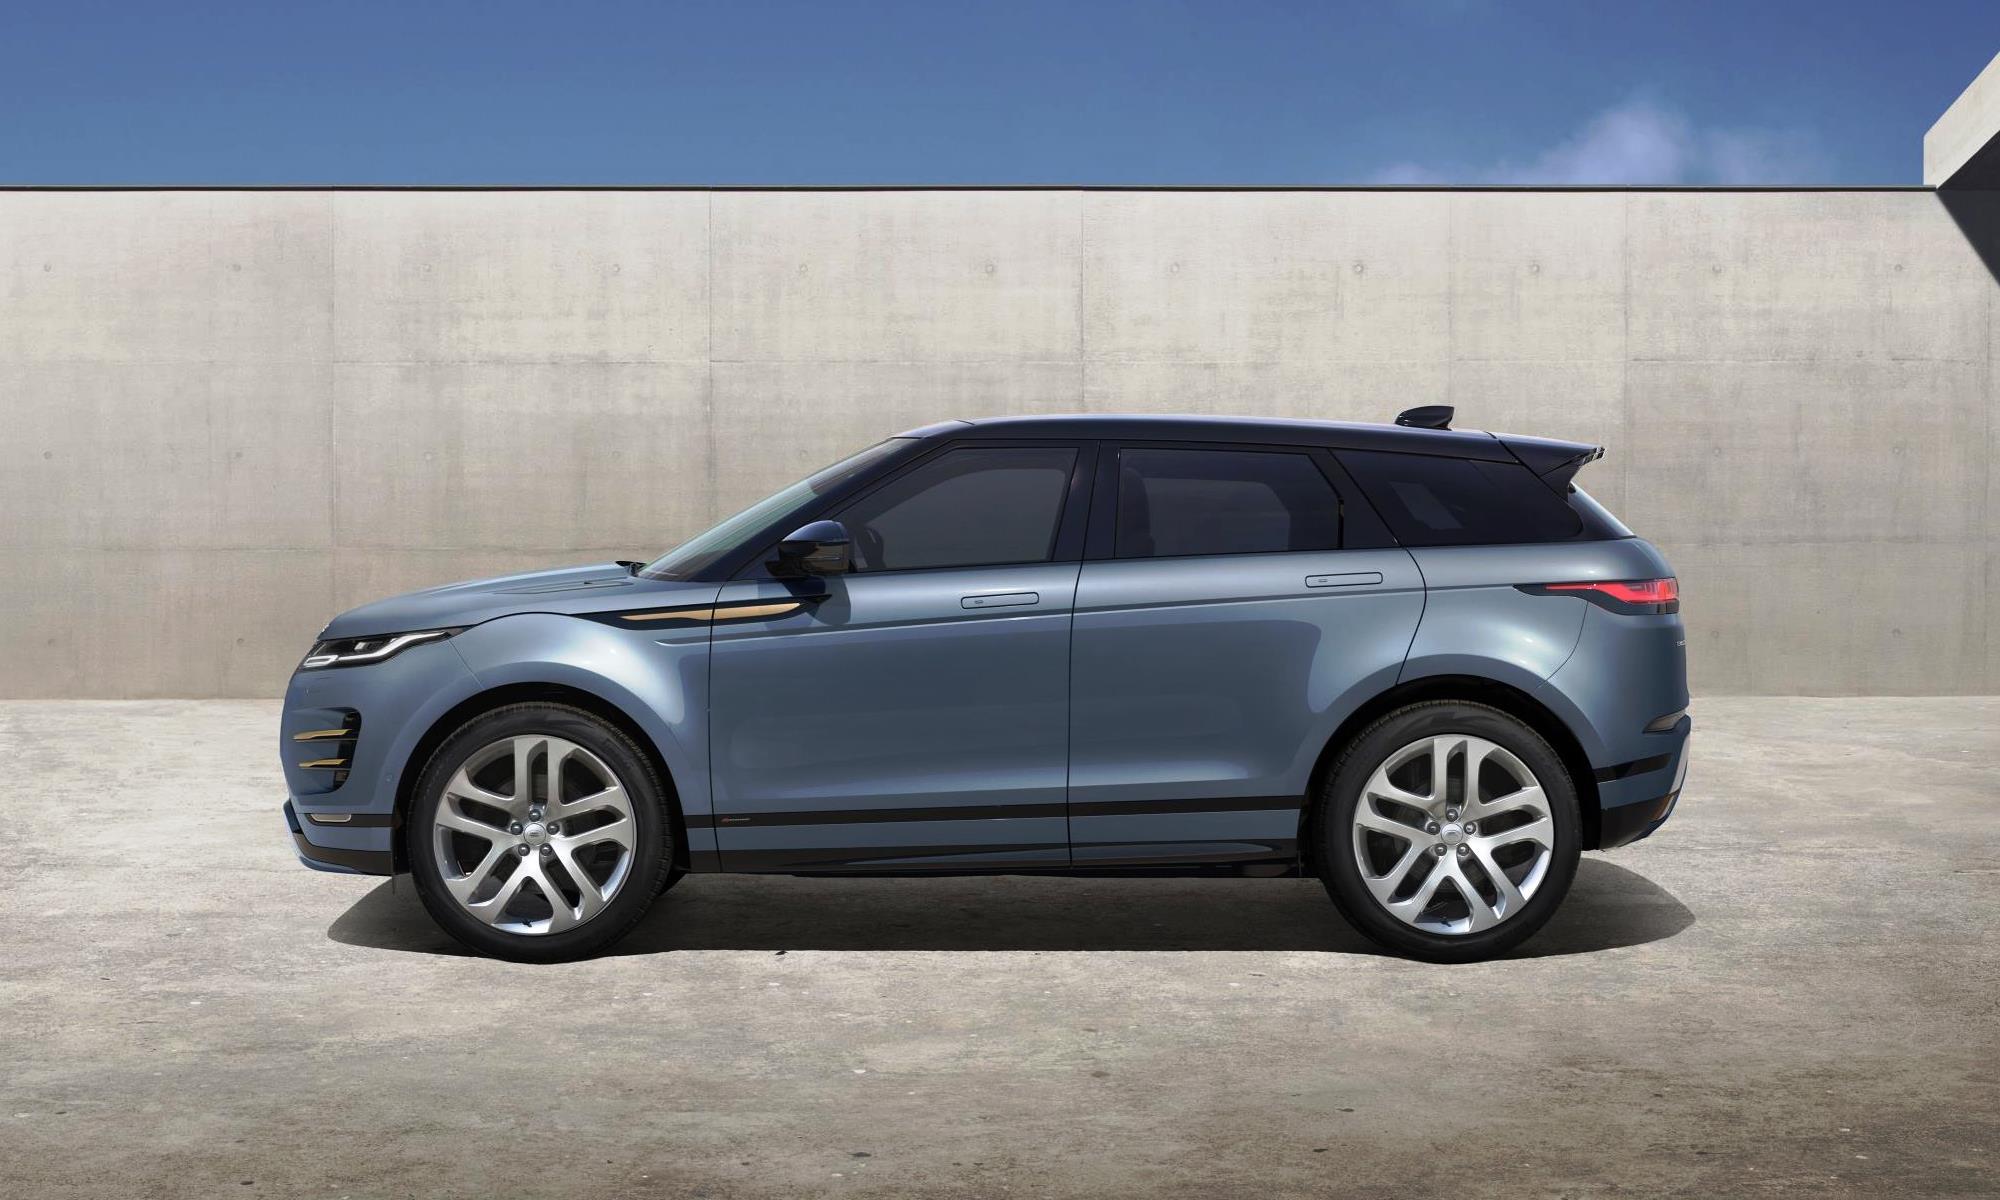 New Range Rover Evoque profile